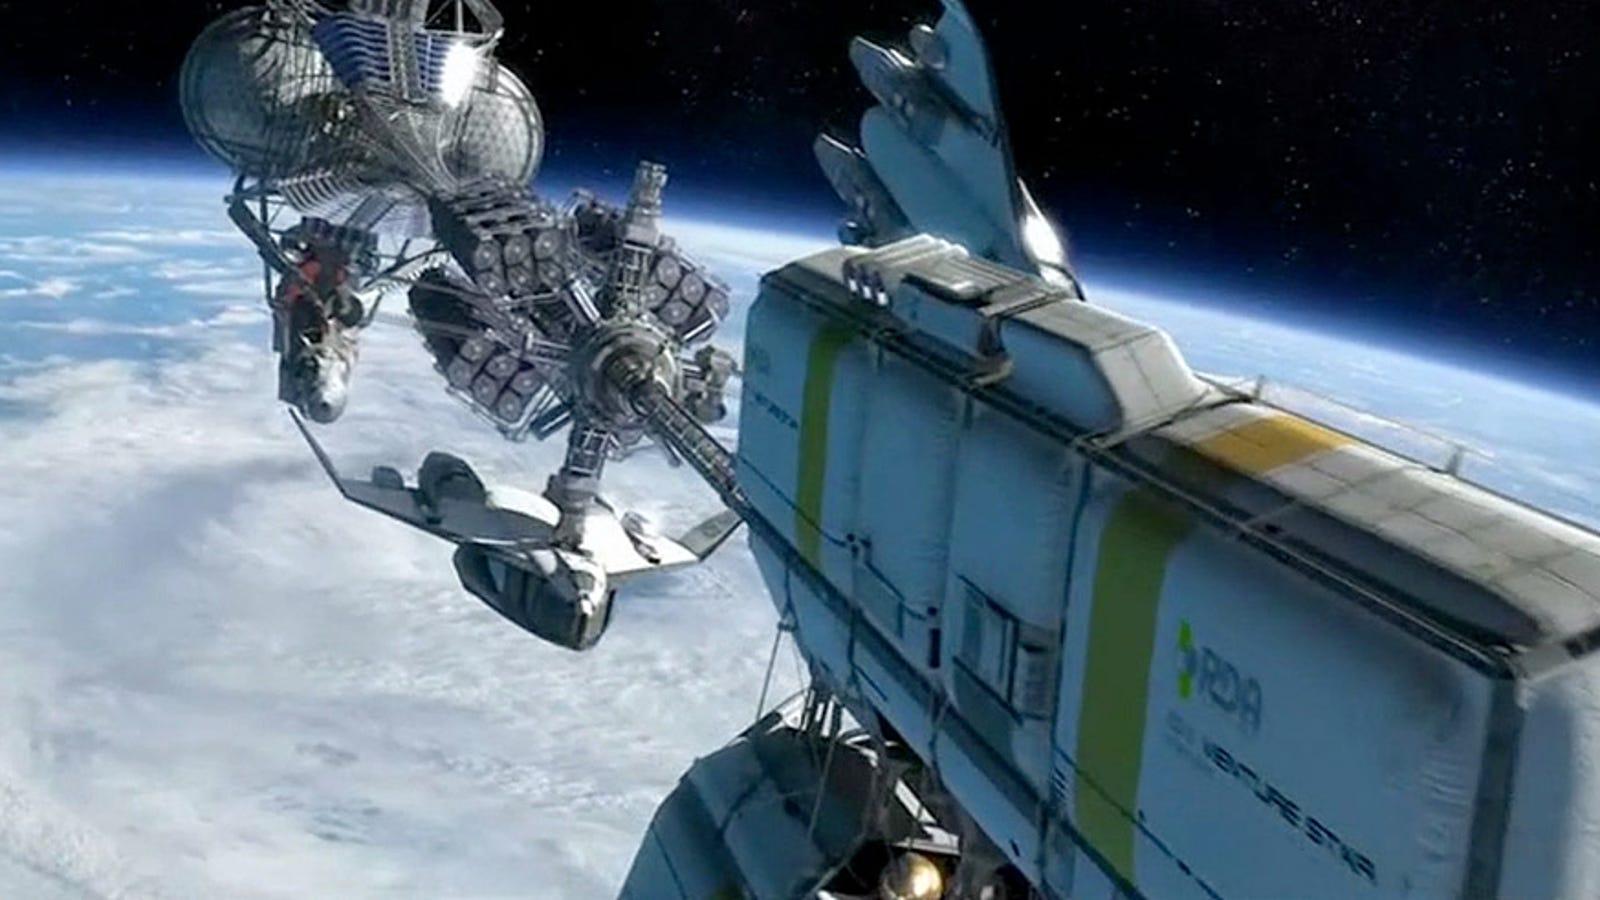 35 películas sobre el espacio, condensadas en un vídeo fascinante